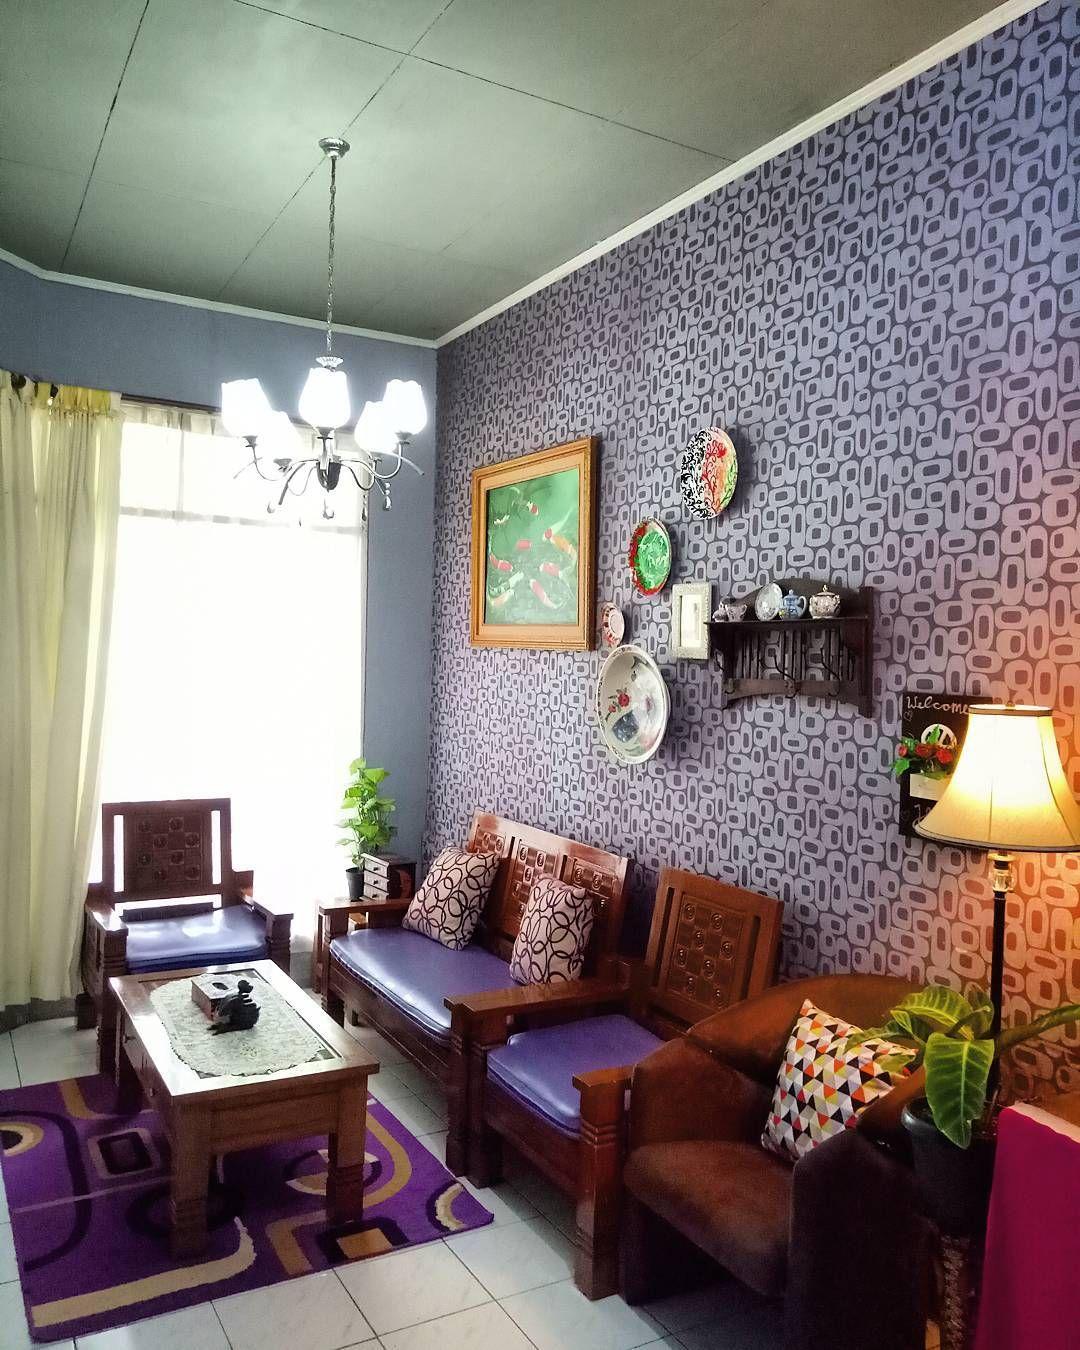 Wallpaper Ruang Tamu Minimalis Home Decor Di 2019 Ruang